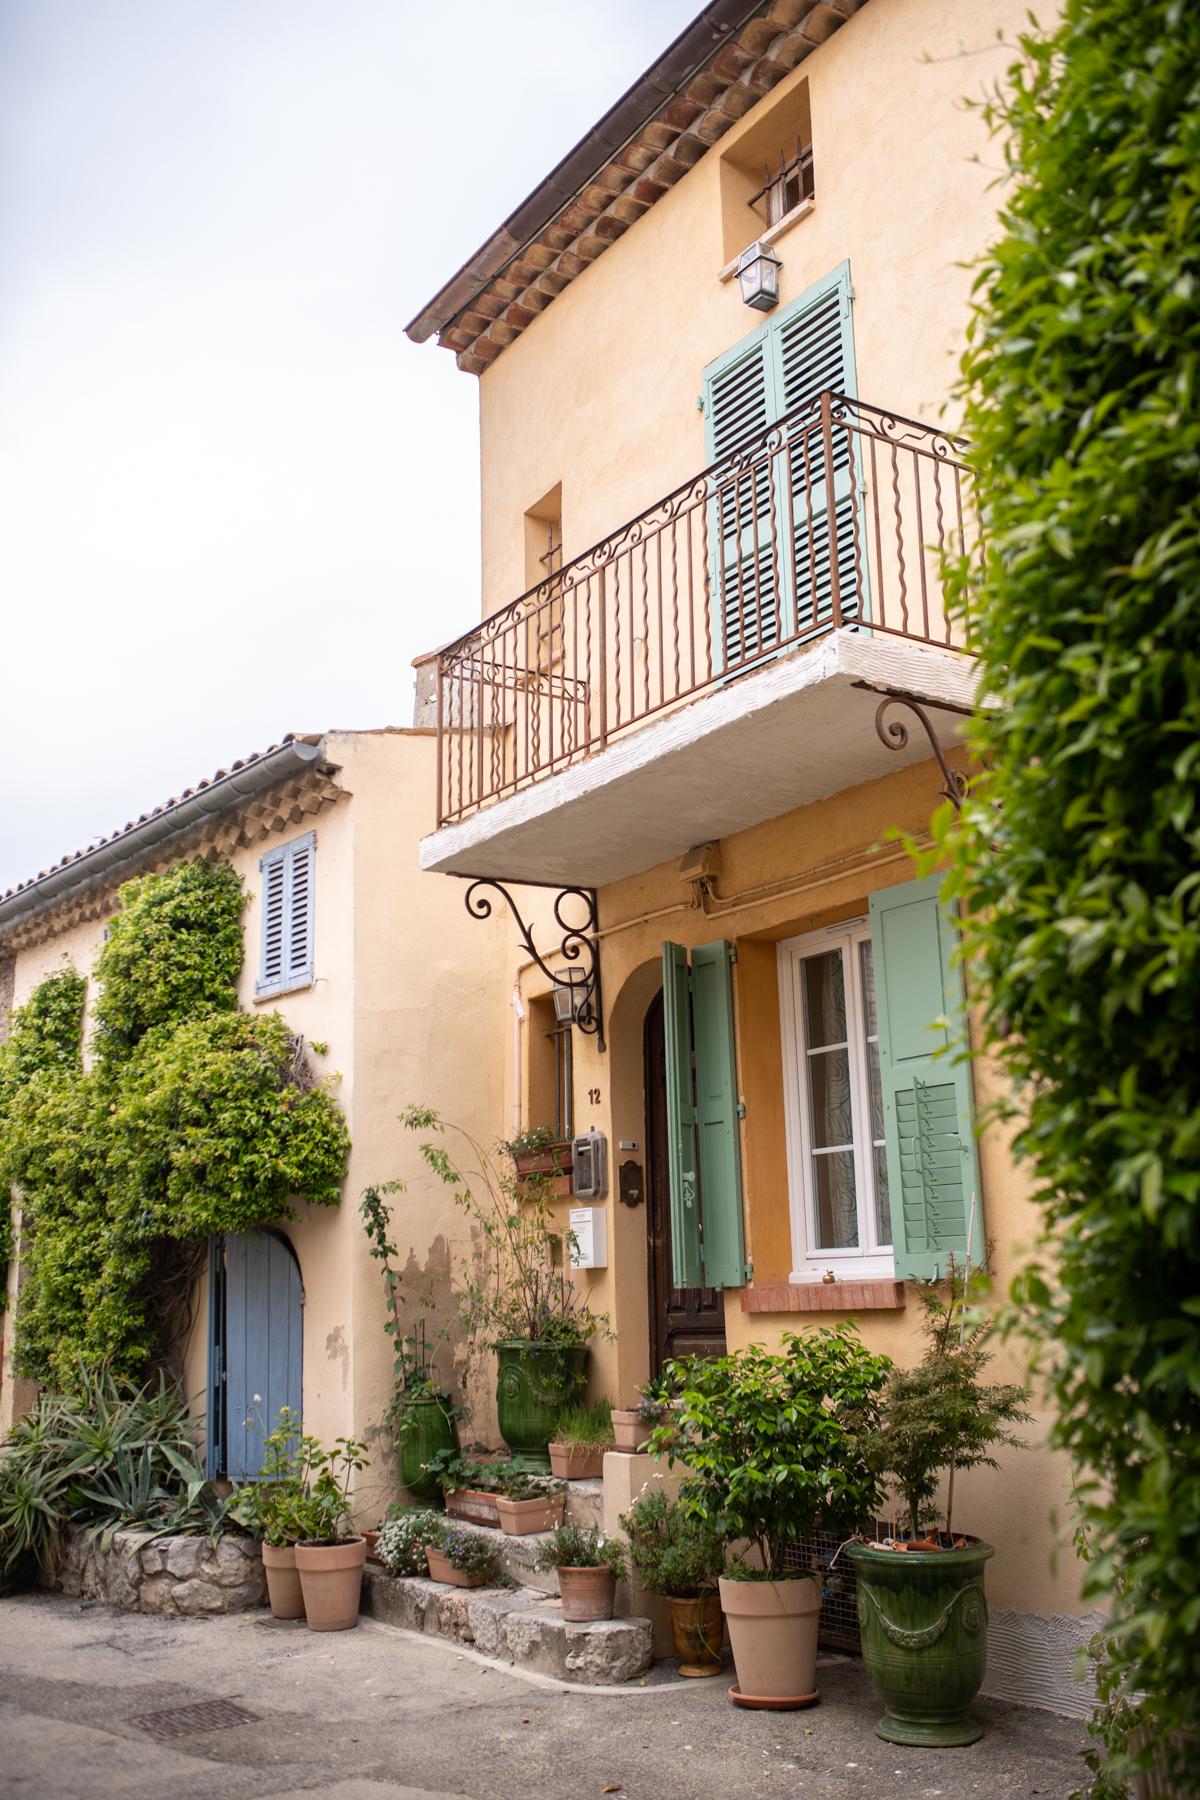 Les Rosees Mougins France x Stacie Flinner-31.jpg